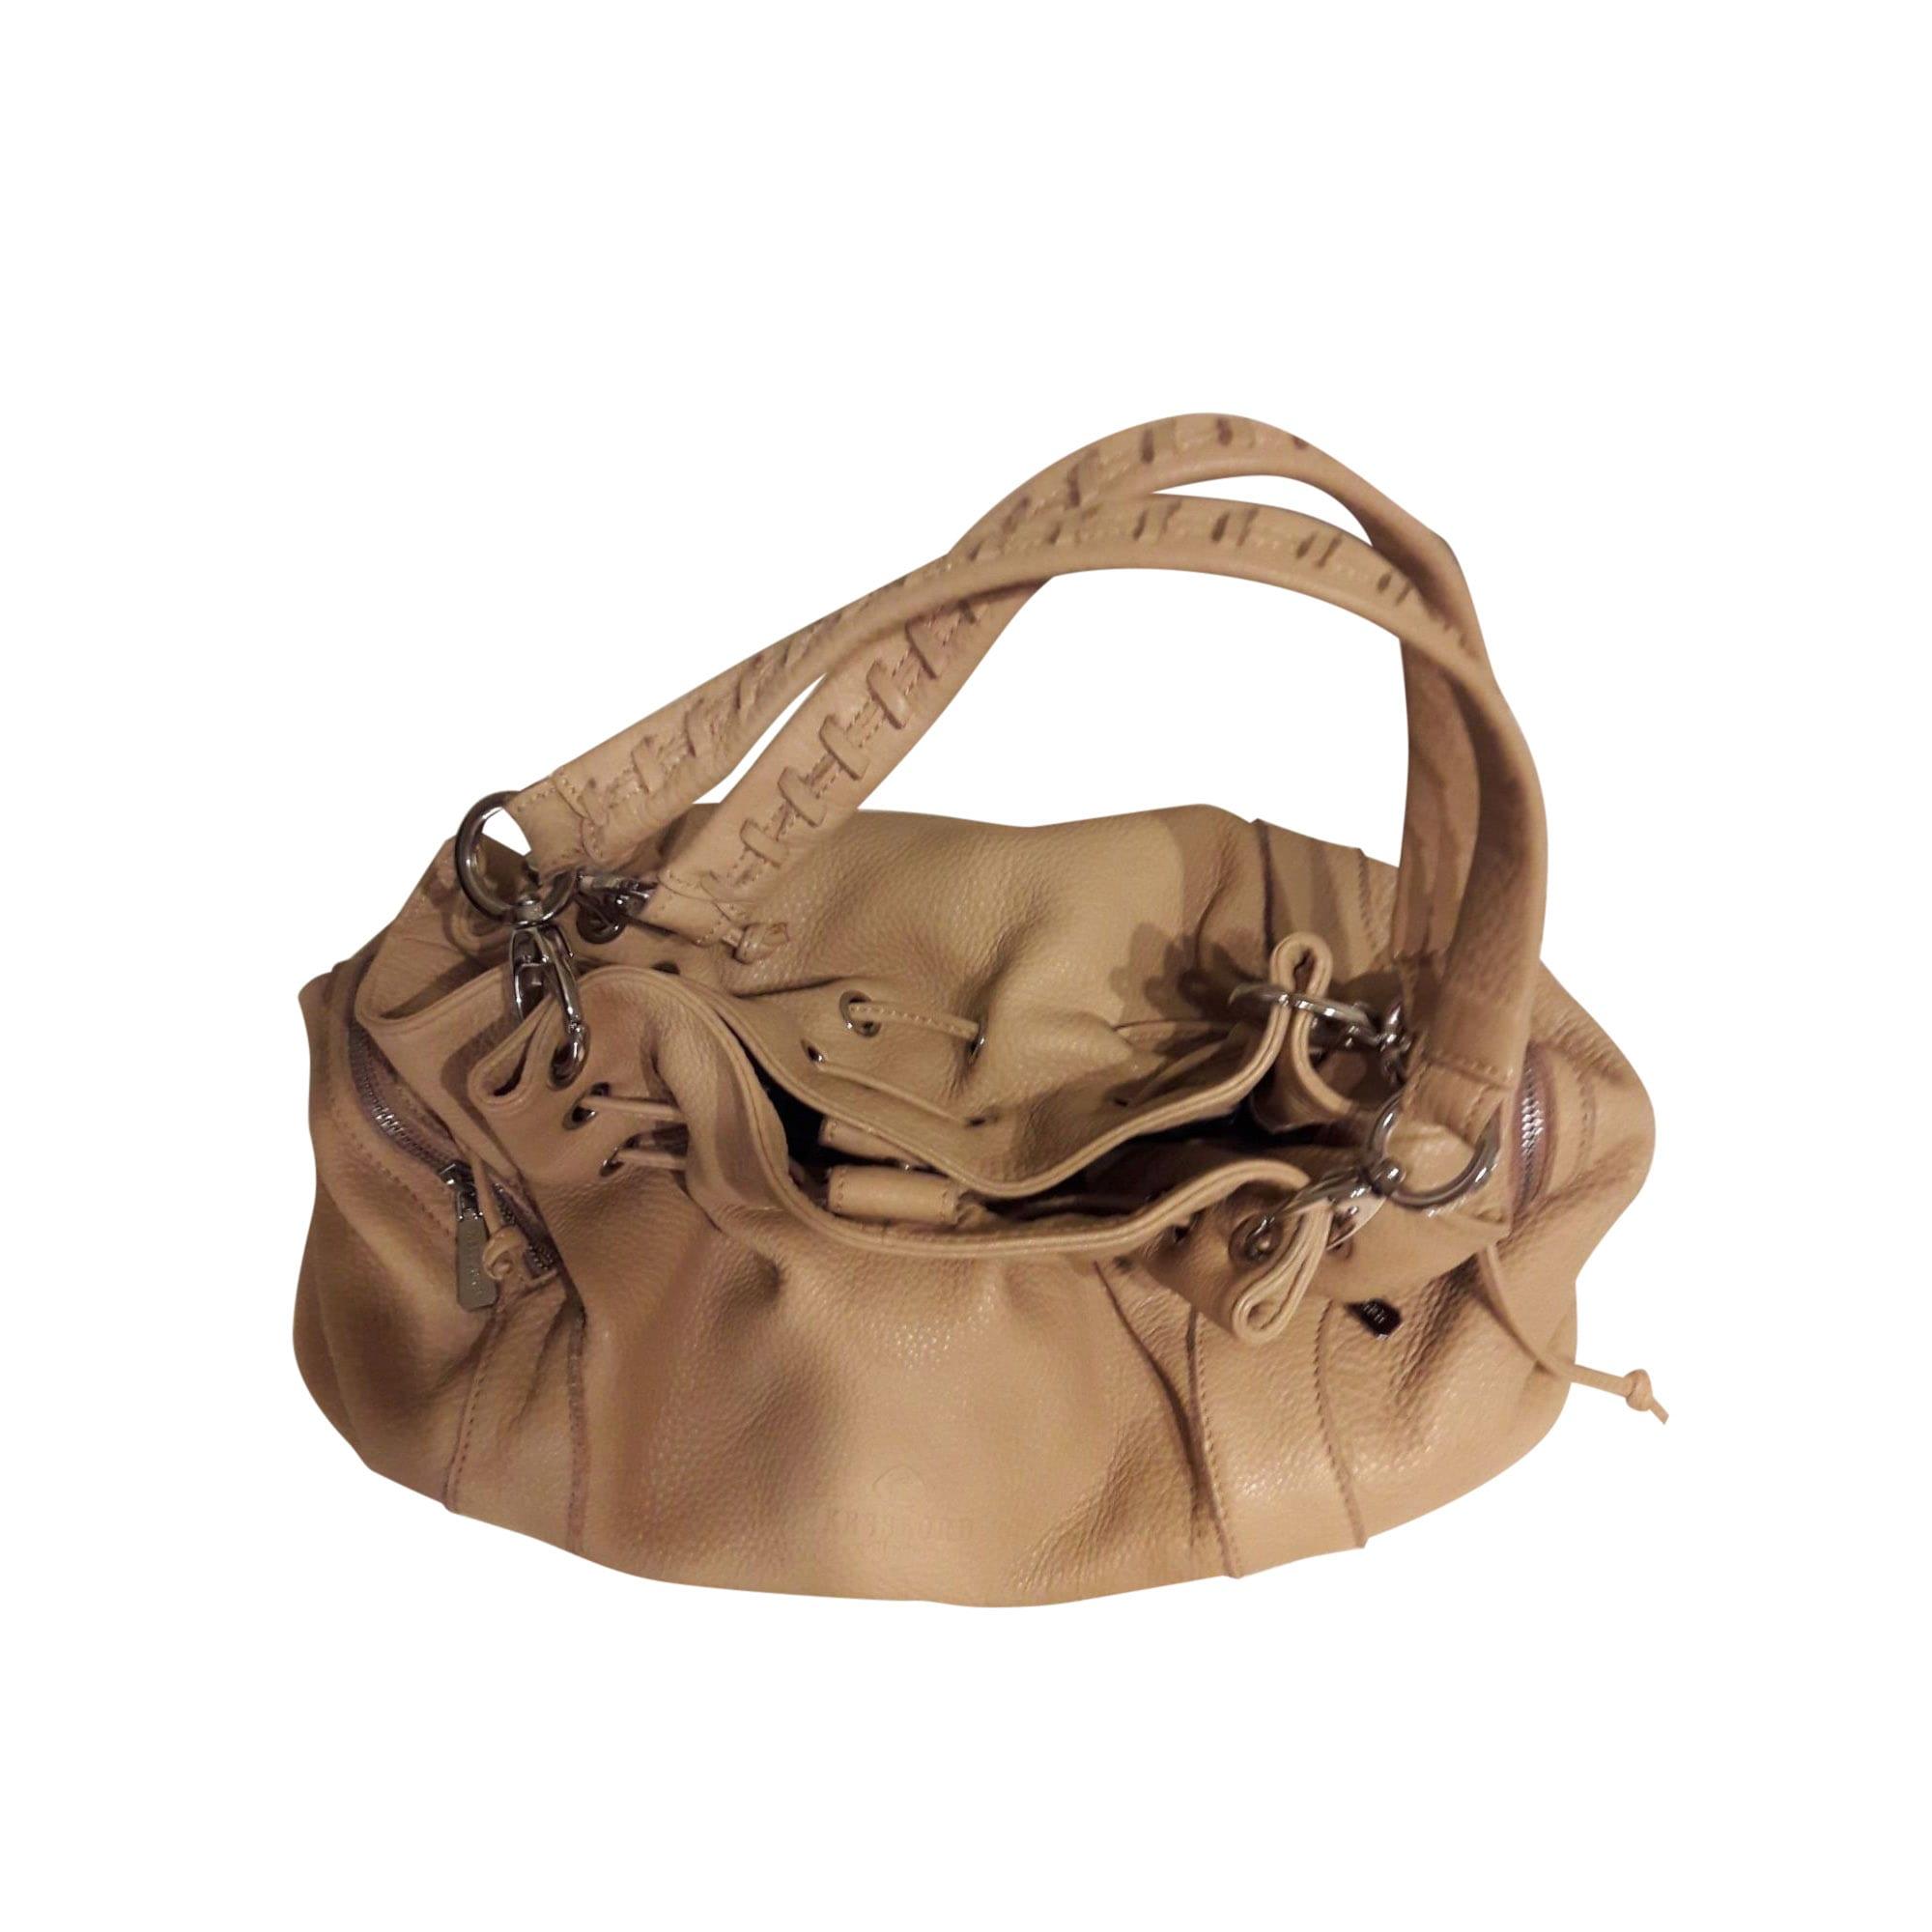 f2bda033a7 Sac à main en cuir KESSLORD beige vendu par Pillou2175 - 7893106